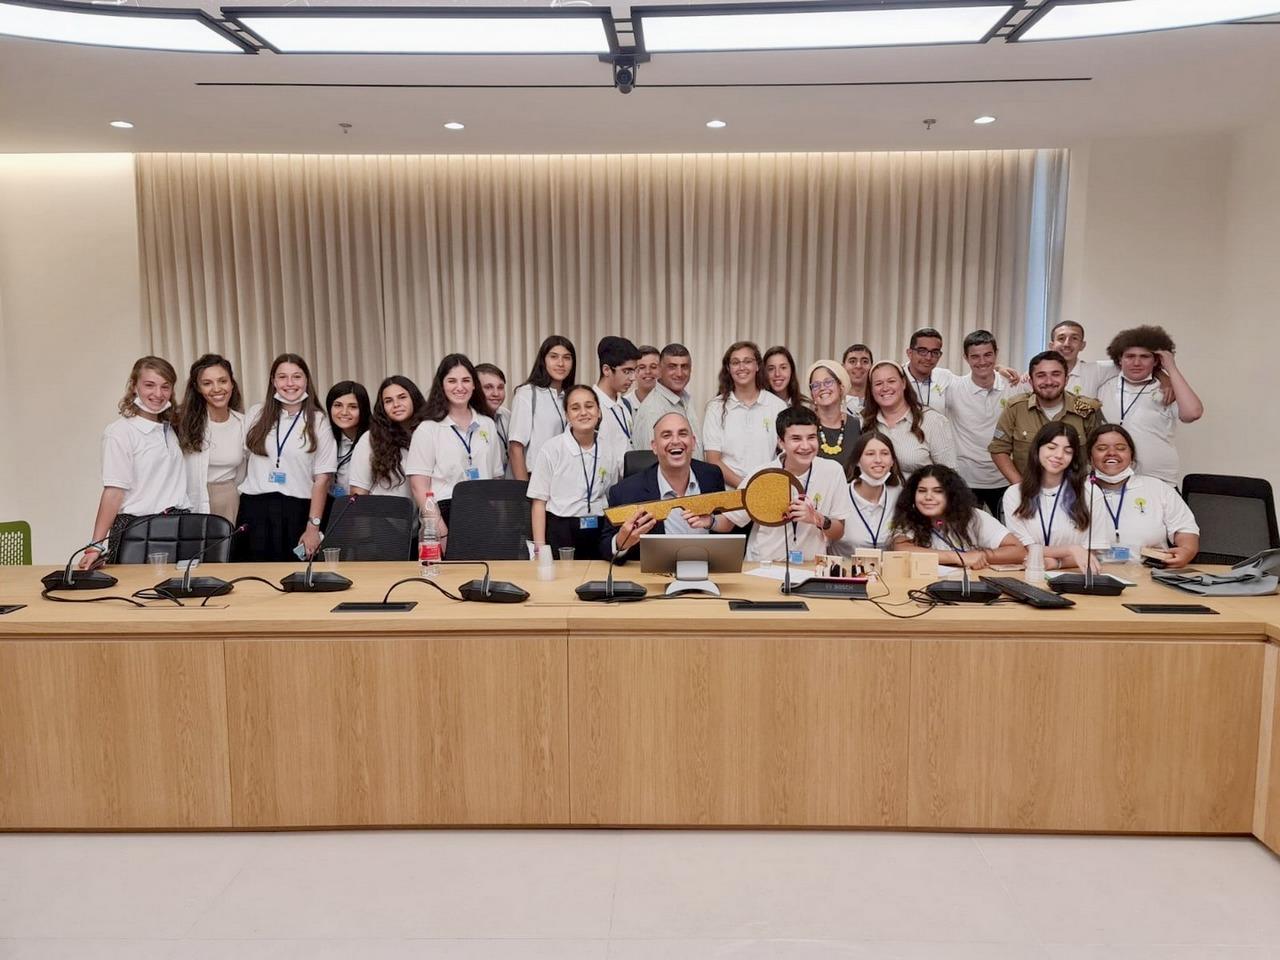 ראש העיר יאיר רביבו מעניק את מפתח העיר ליור מועצת הנוער העירונית יונתן גימפל